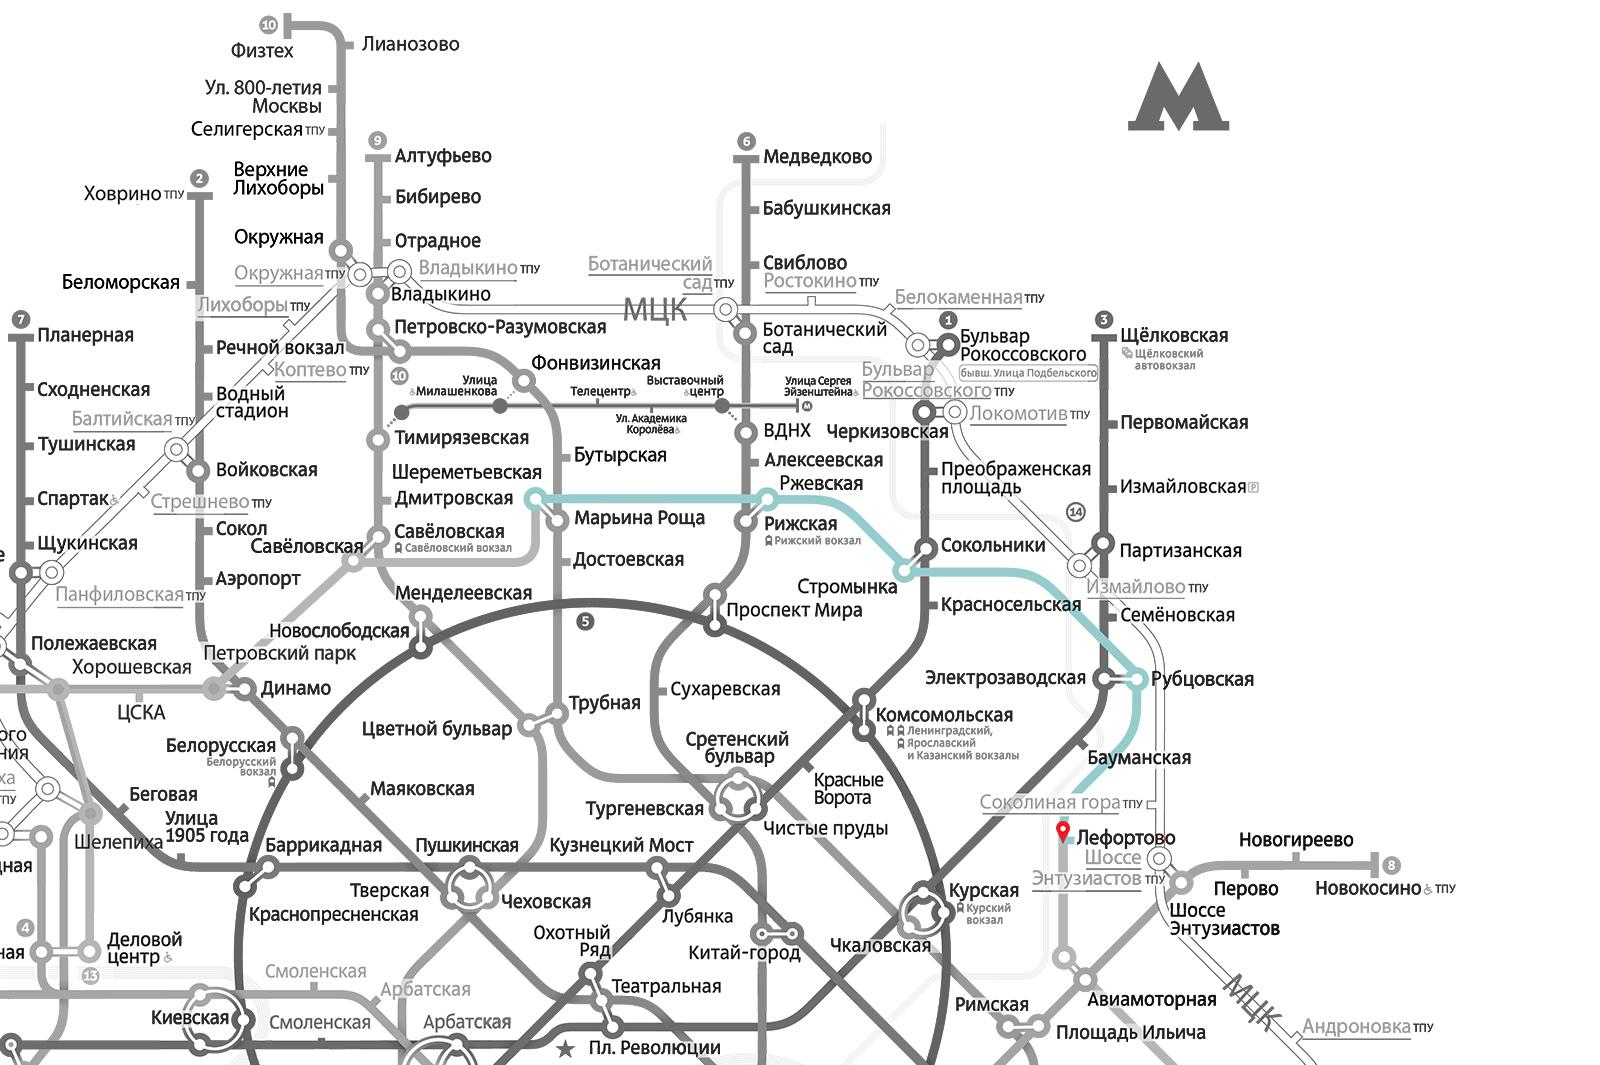 Купить больничный лист в Москве Тёплый Стан официально вао